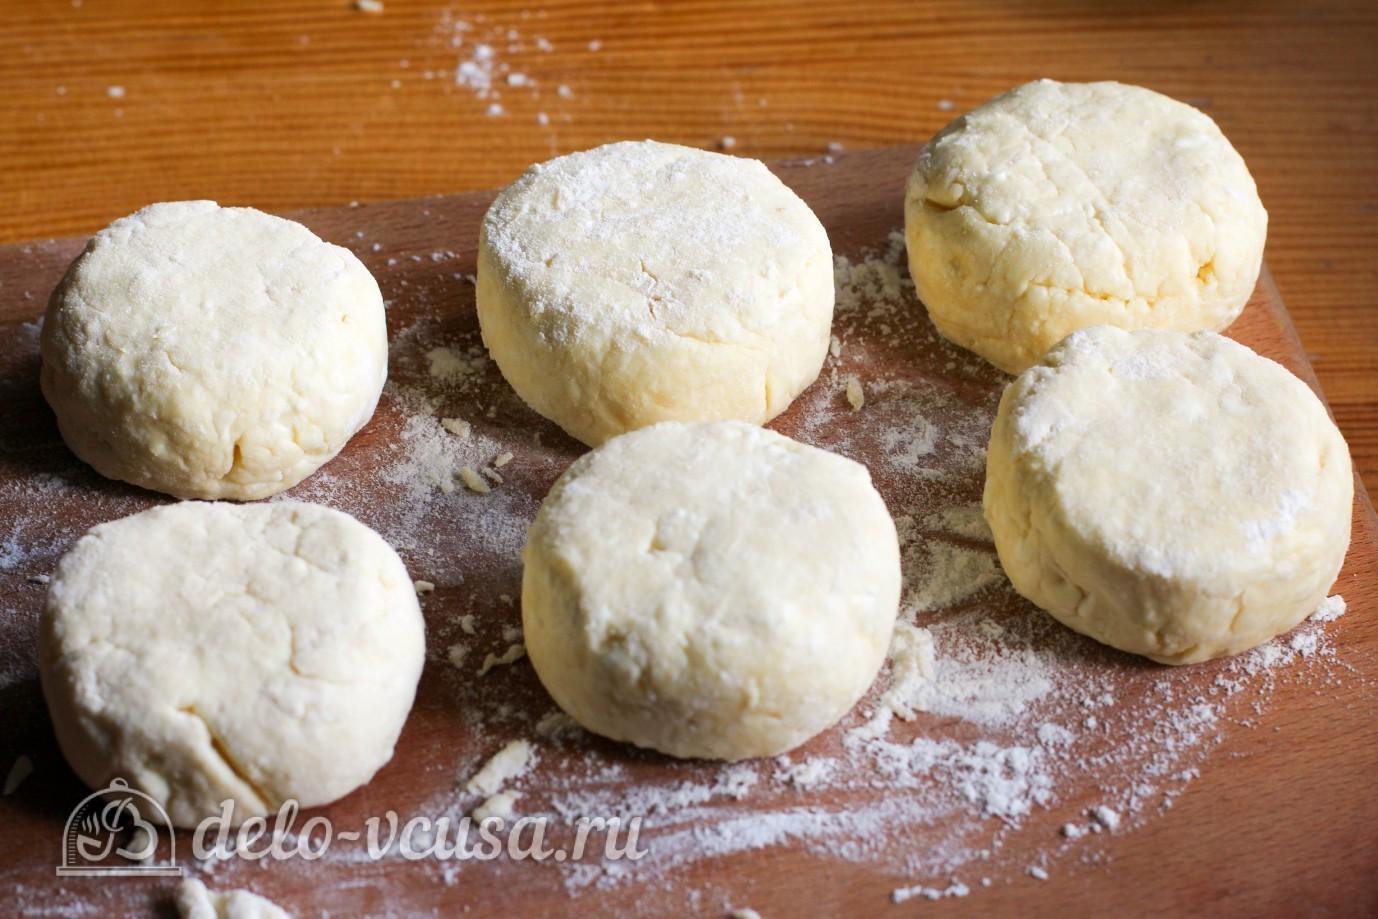 Сырники из творога в аэрогриле рецепт пошагово